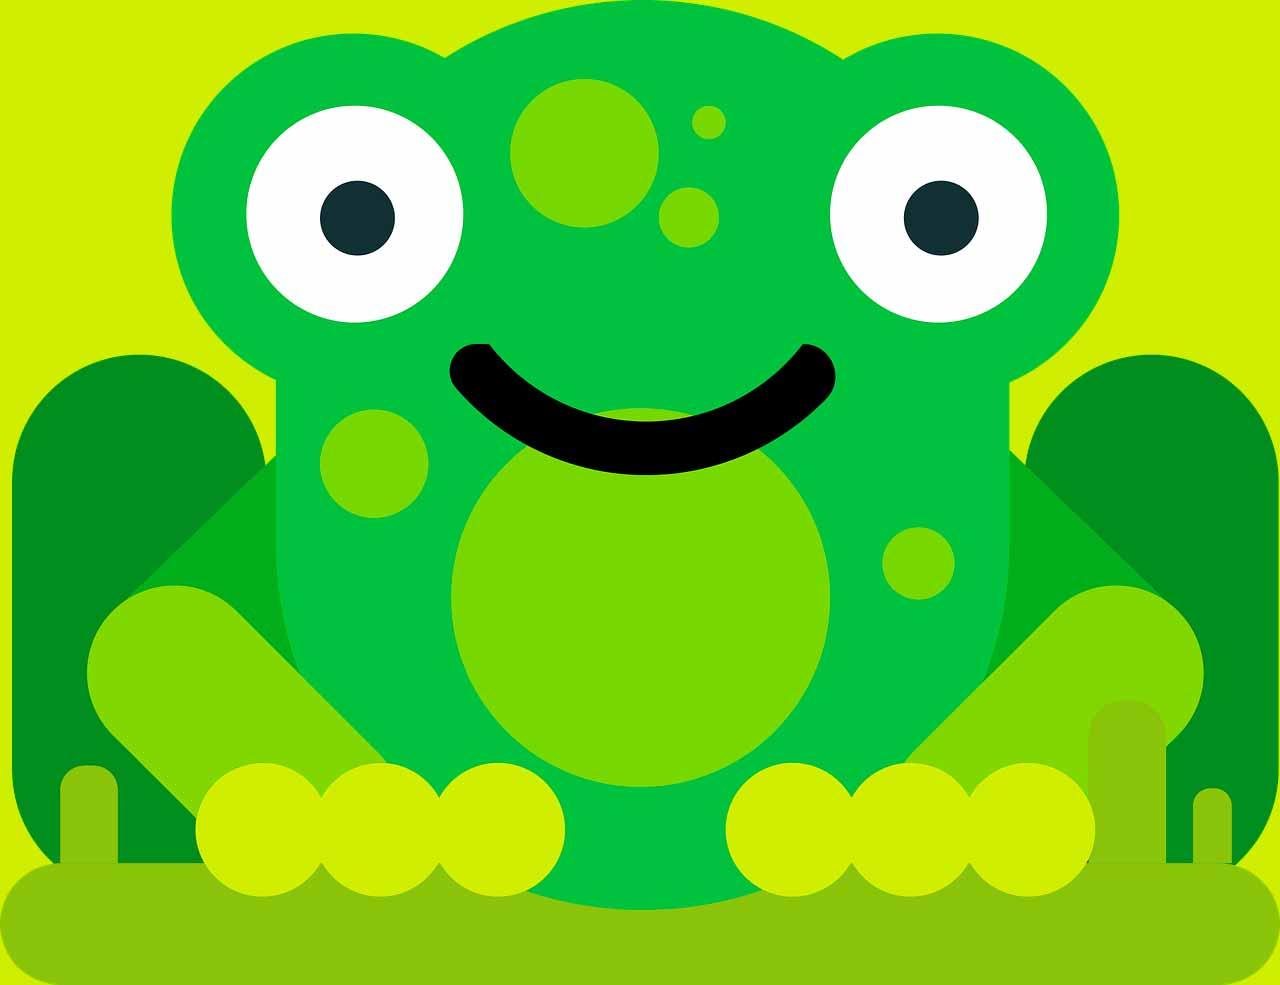 L'illustration d'une grenouille